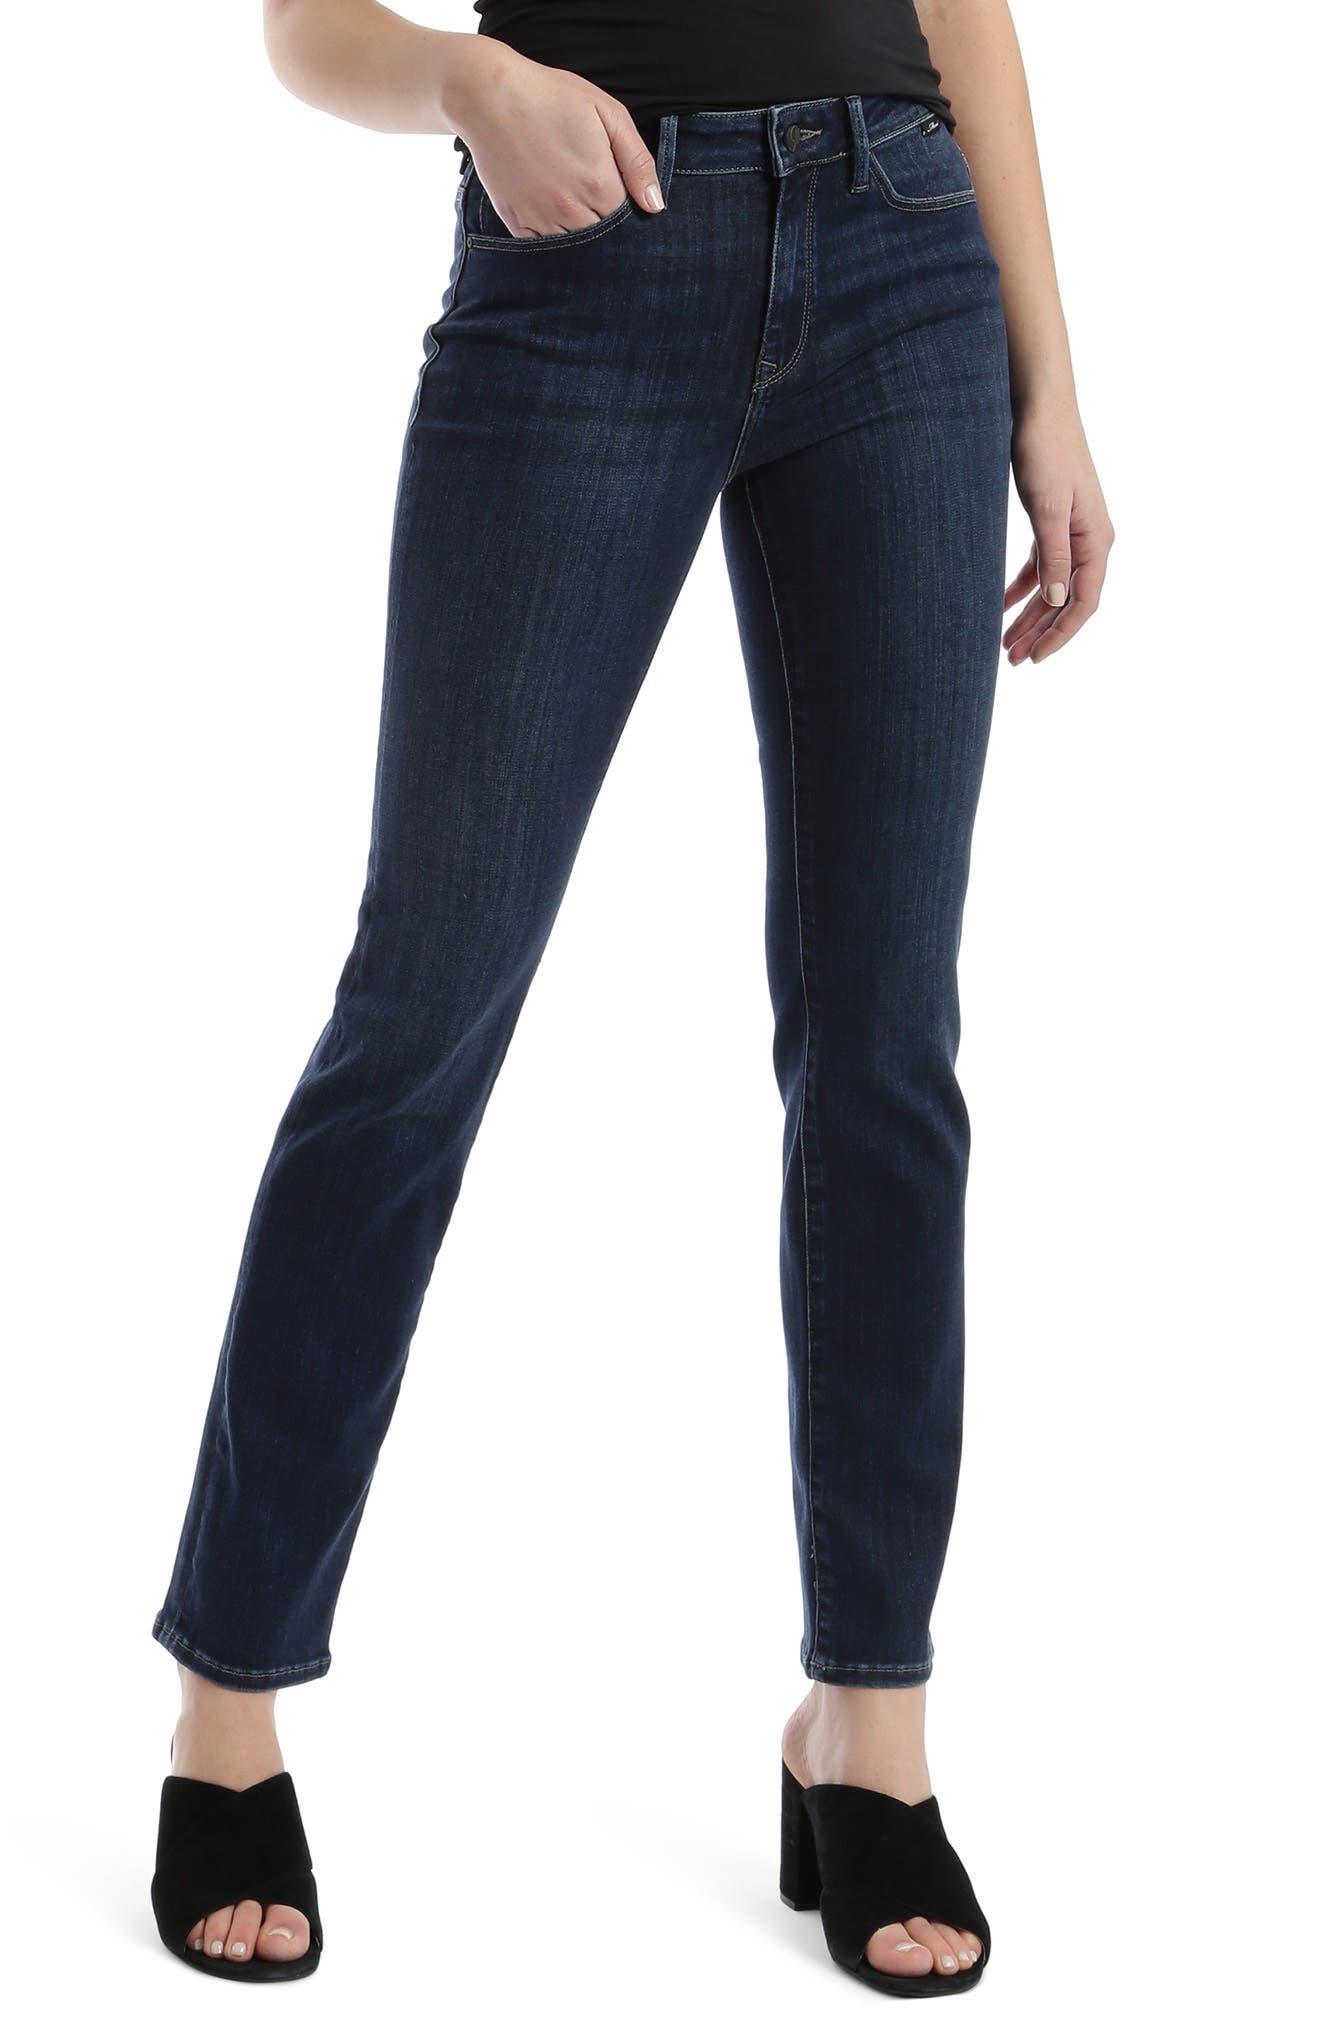 Kendra Supersoft High Waist Jeans